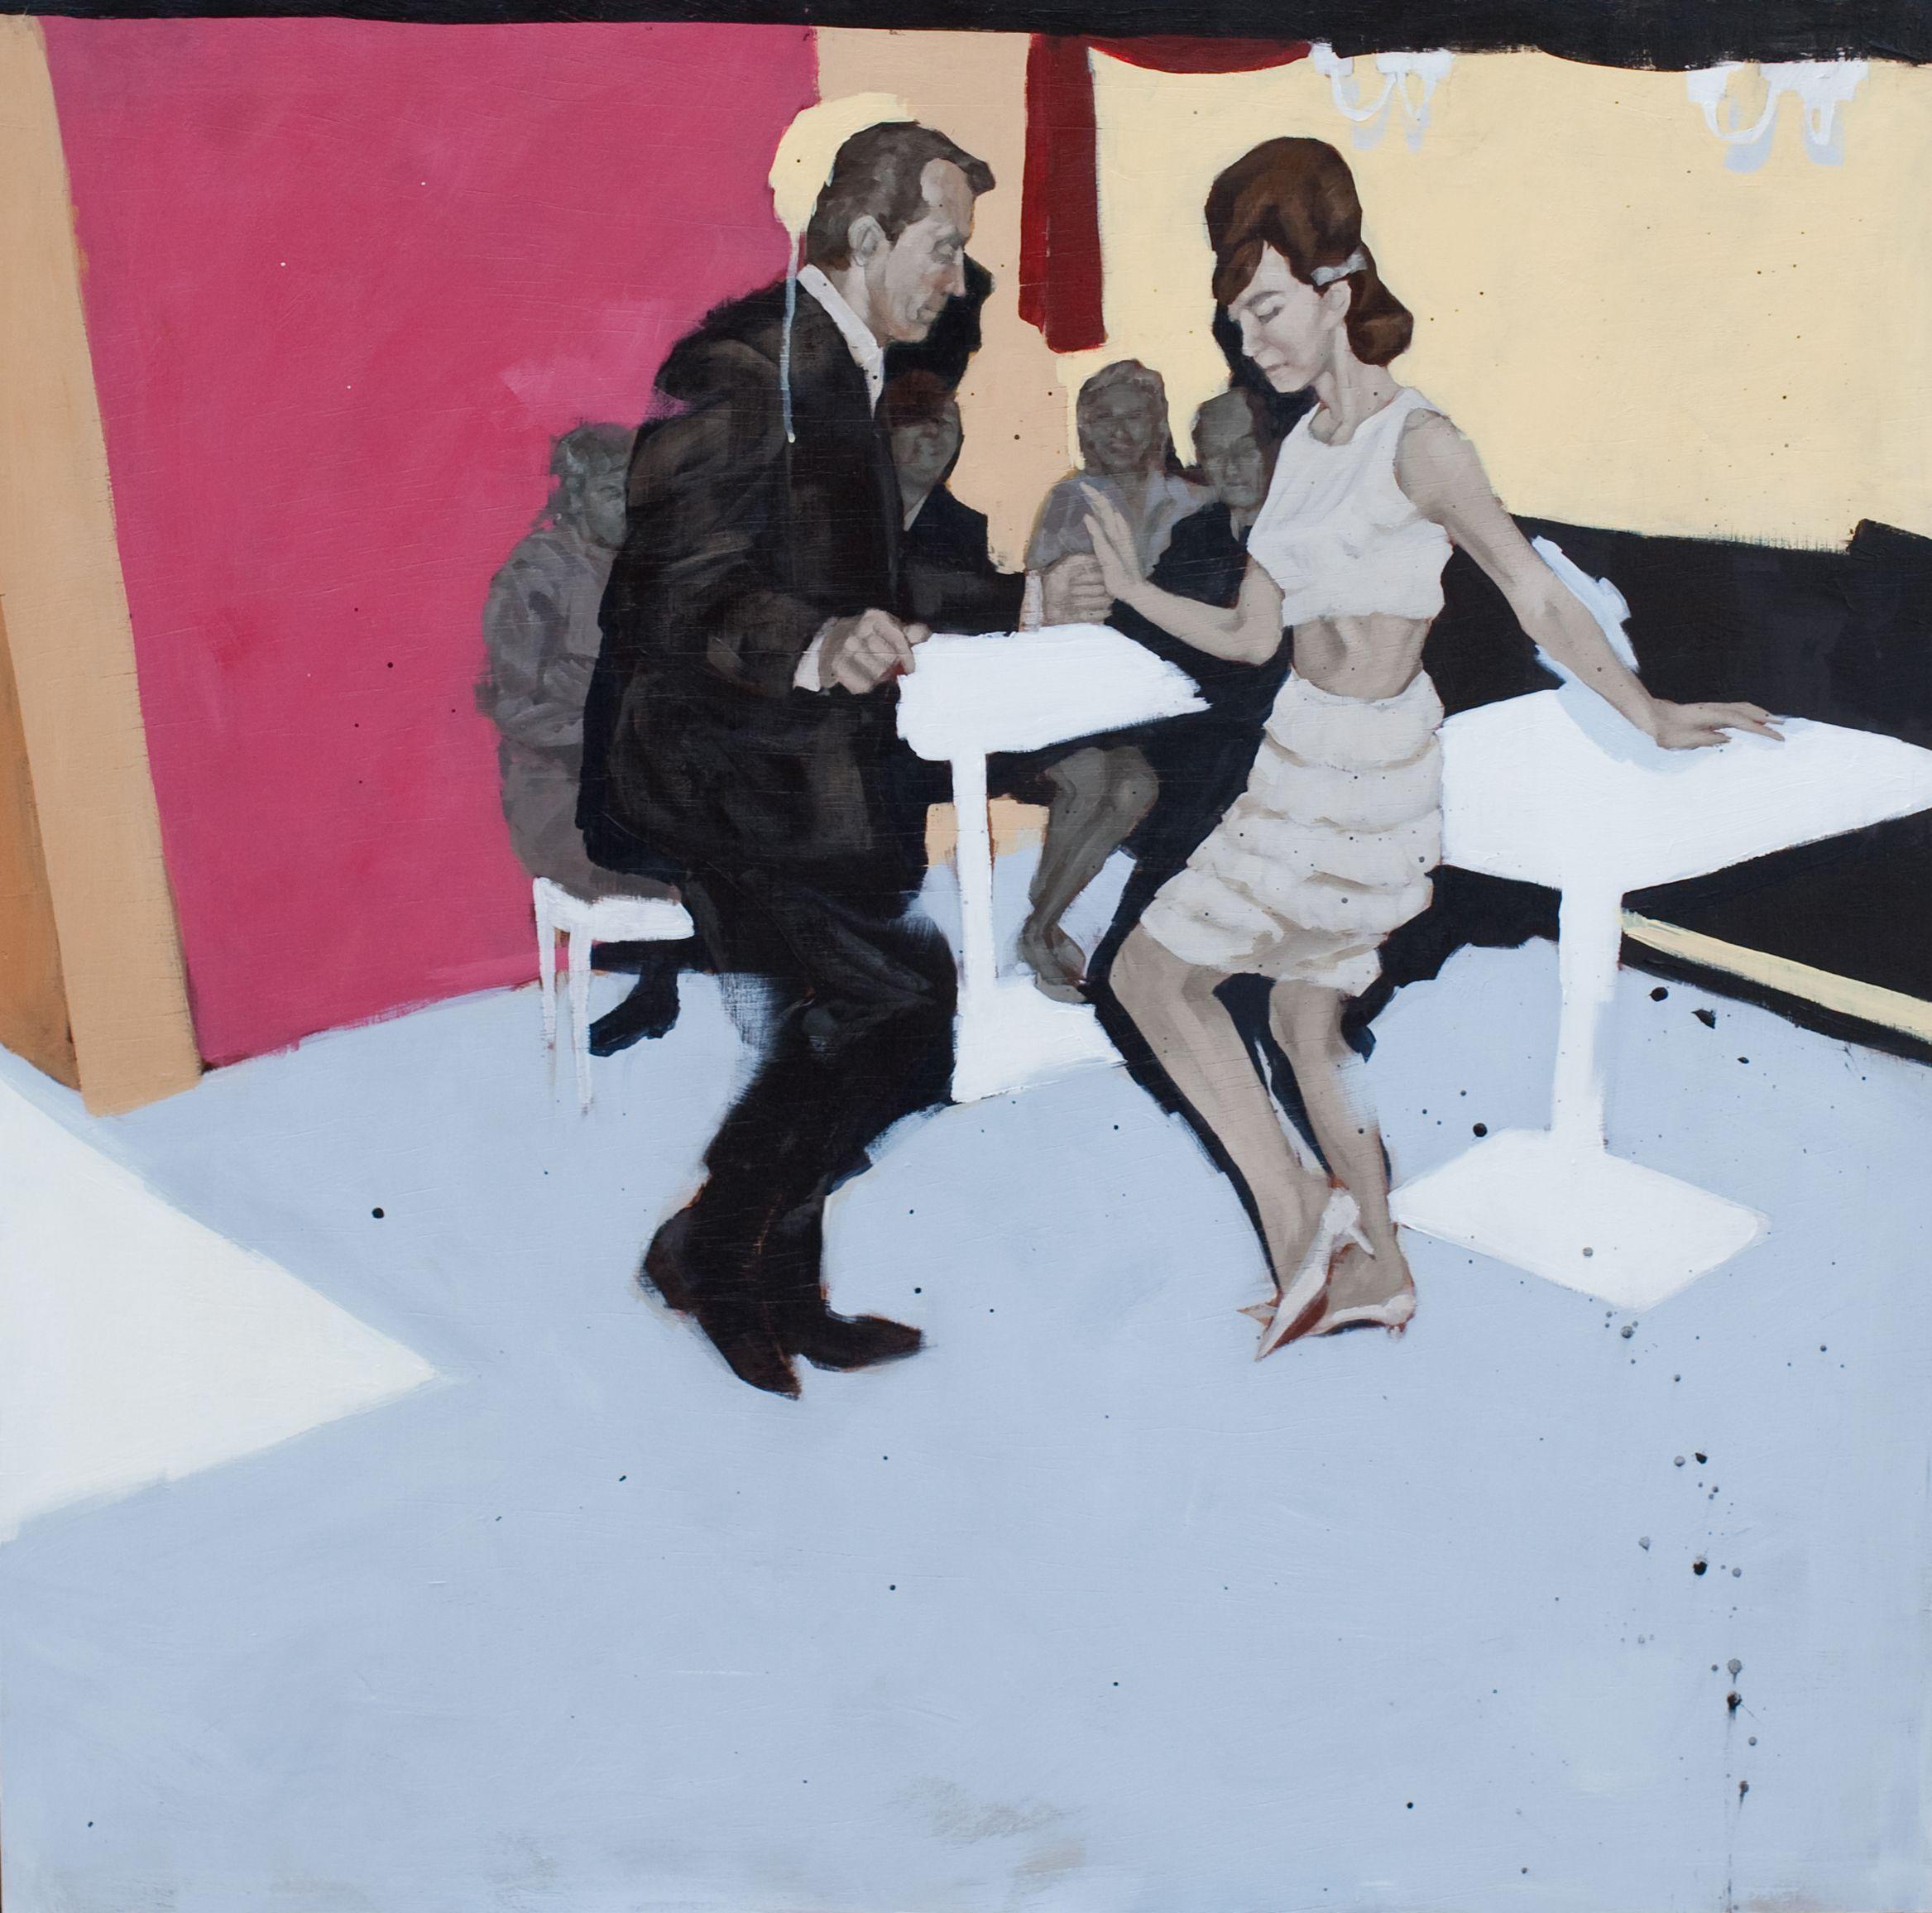 Ian Shults - Artist in Austn, Texas